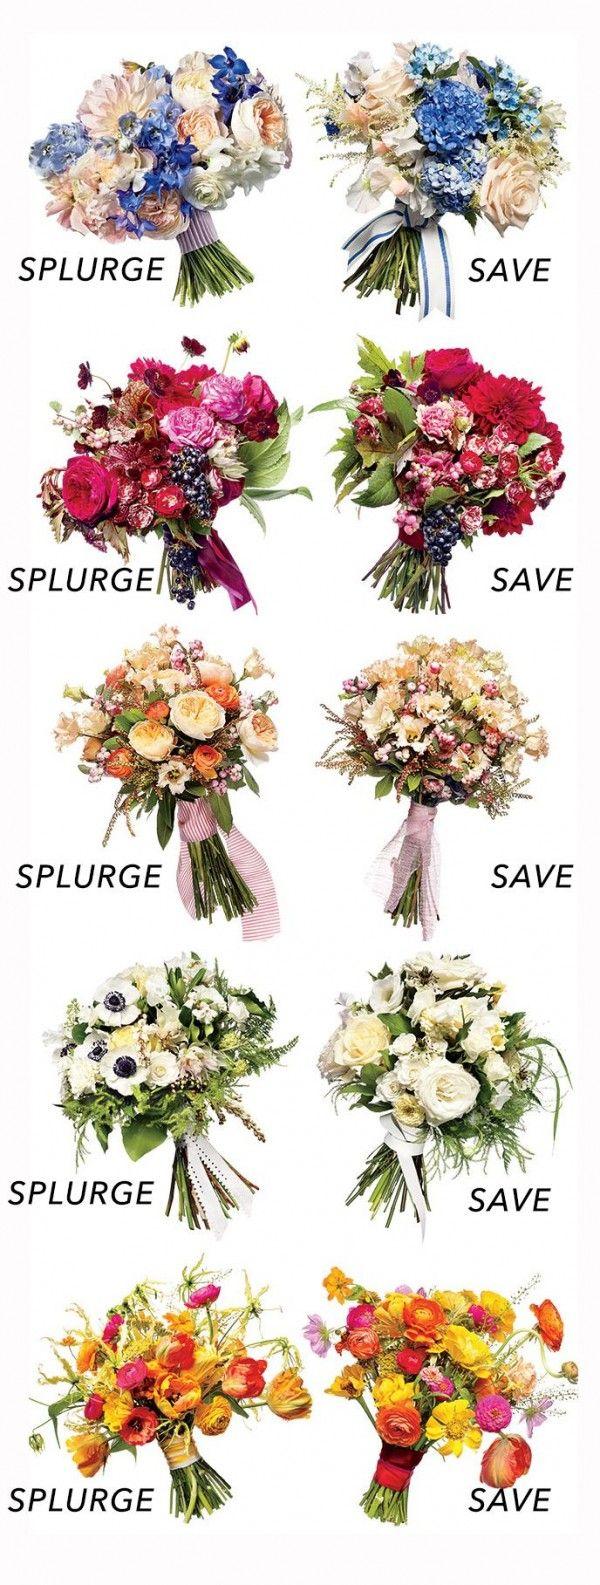 Cheap Flower Alternatives Save Vs Splurge